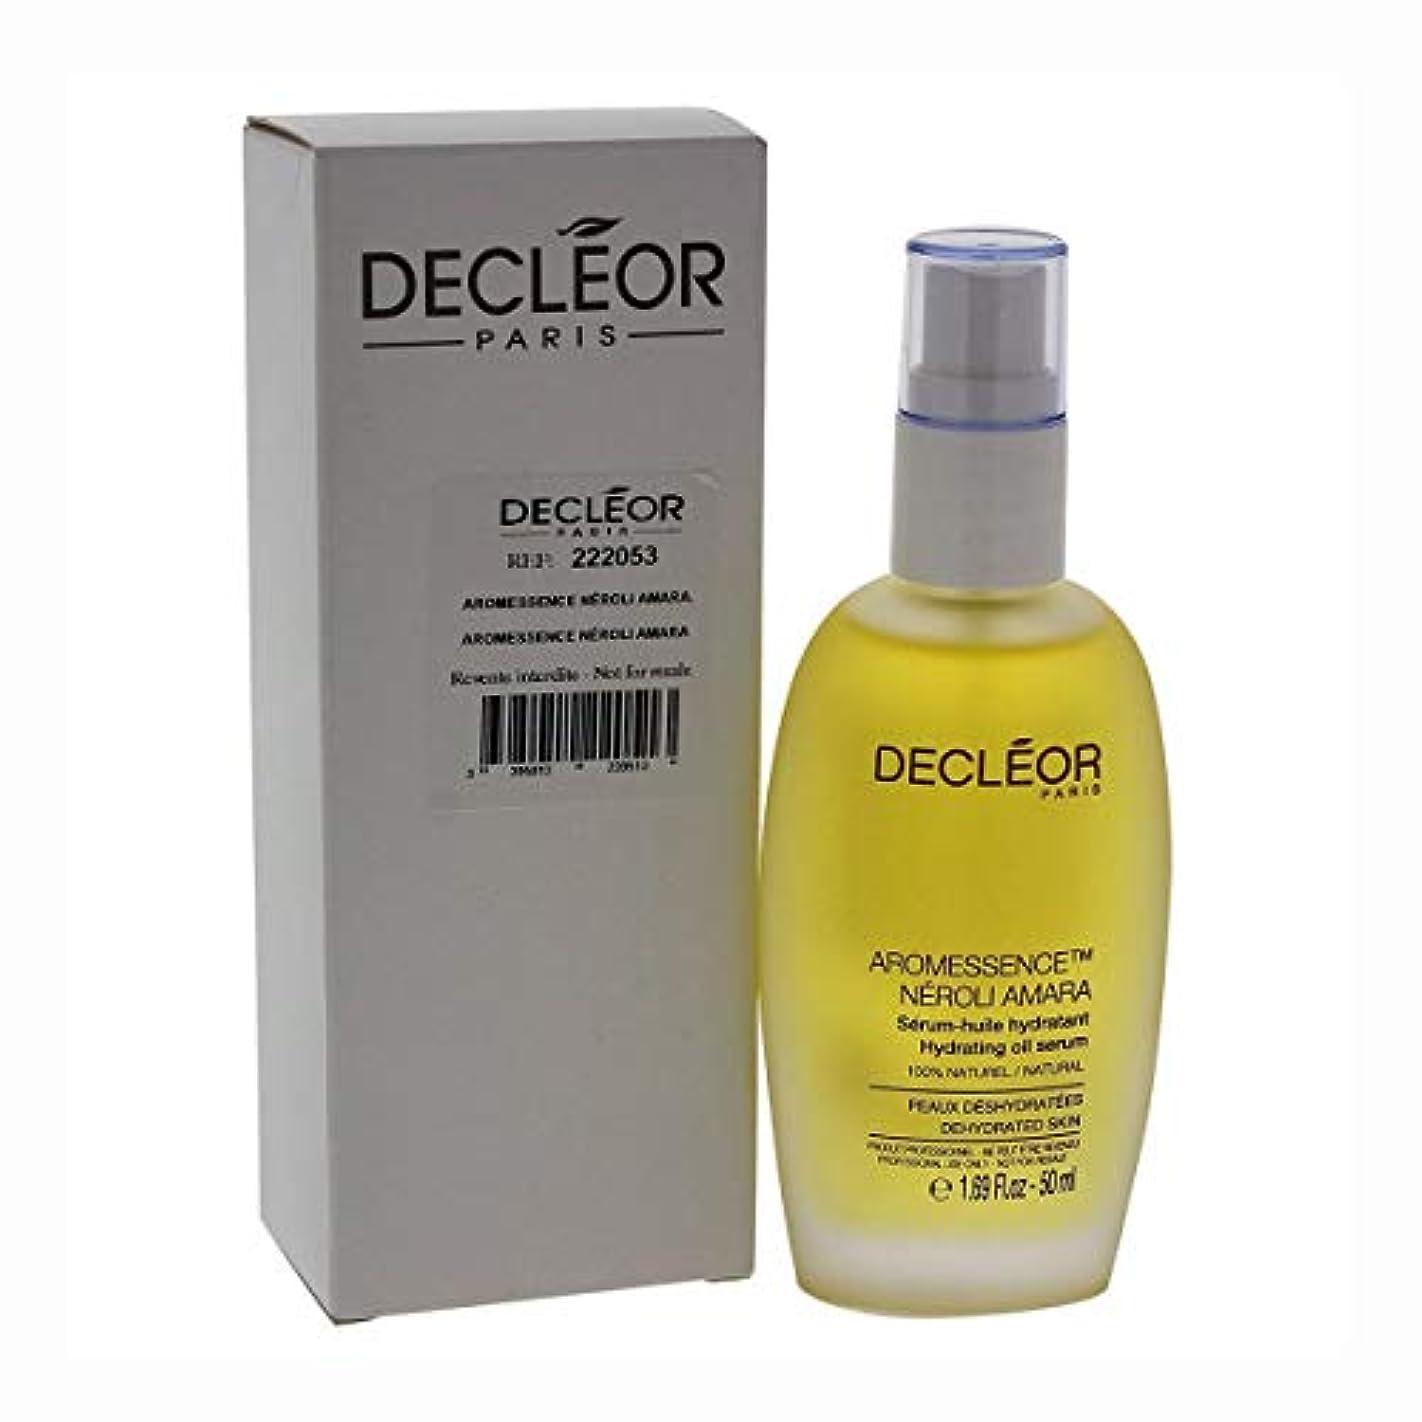 フェードアウトスタッフ一定デクレオール Aromessence Neroli Amara Hydrating Oil Serum - For Dehydrated Skin (Salon Size) 50ml/1.69oz並行輸入品